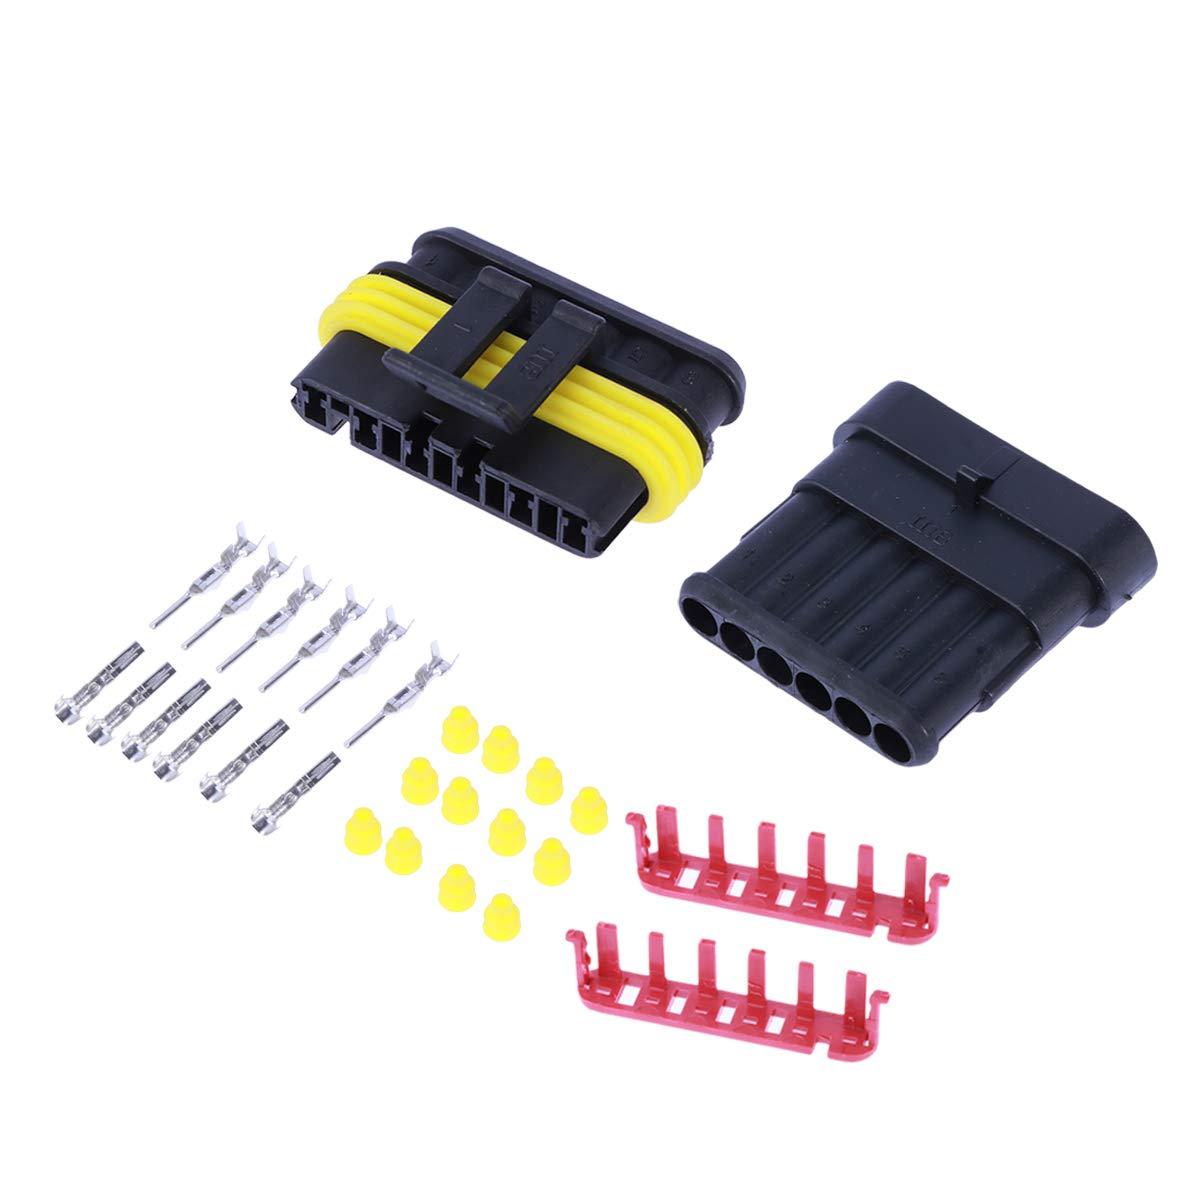 Vosarea 5 Kit 6 Pin Connettore elettrico impermeabile Connettore del cavo automobilistico Spina per moto spina HID Terminali termorestringenti